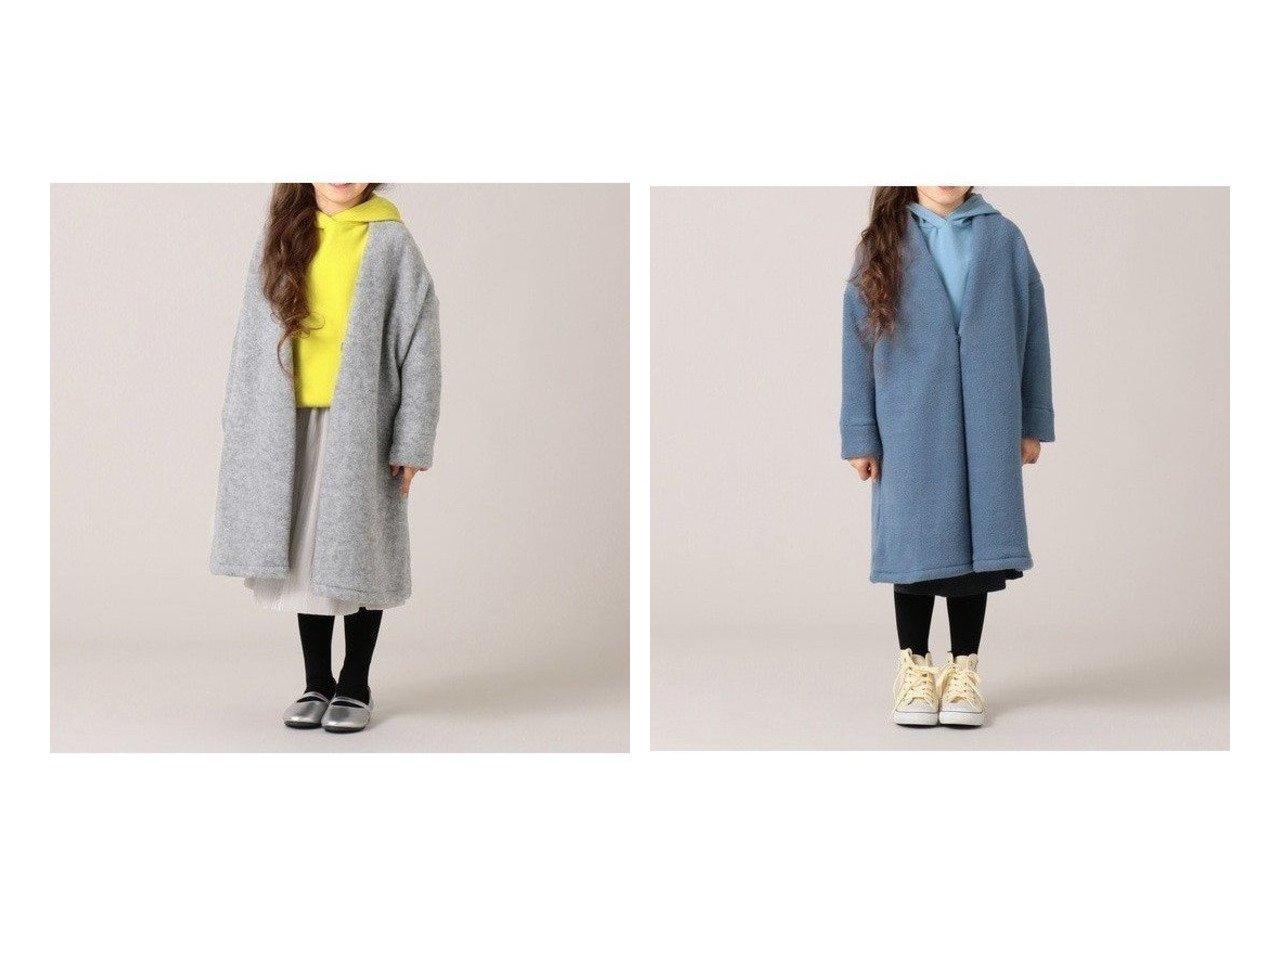 【KUMIKYOKU / KIDS/組曲】の【110-120 】ウールミックスジャージーアウター (番号KL43) 【KIDS】子供服のおすすめ!人気トレンド・キッズファッションの通販 おすすめで人気の流行・トレンド、ファッションの通販商品 メンズファッション・キッズファッション・インテリア・家具・レディースファッション・服の通販 founy(ファニー) https://founy.com/ ファッション Fashion キッズファッション KIDS アウター Coat Outerwear Kids エアリー 秋 Autumn/Fall カーディガン シンプル ジャケット スリット ベーシック ロング A/W 秋冬 AW Autumn/Winter / FW Fall-Winter 2020年 2020 2020-2021 秋冬 A/W AW Autumn/Winter / FW Fall-Winter 2020-2021 送料無料 Free Shipping  ID:crp329100000013248